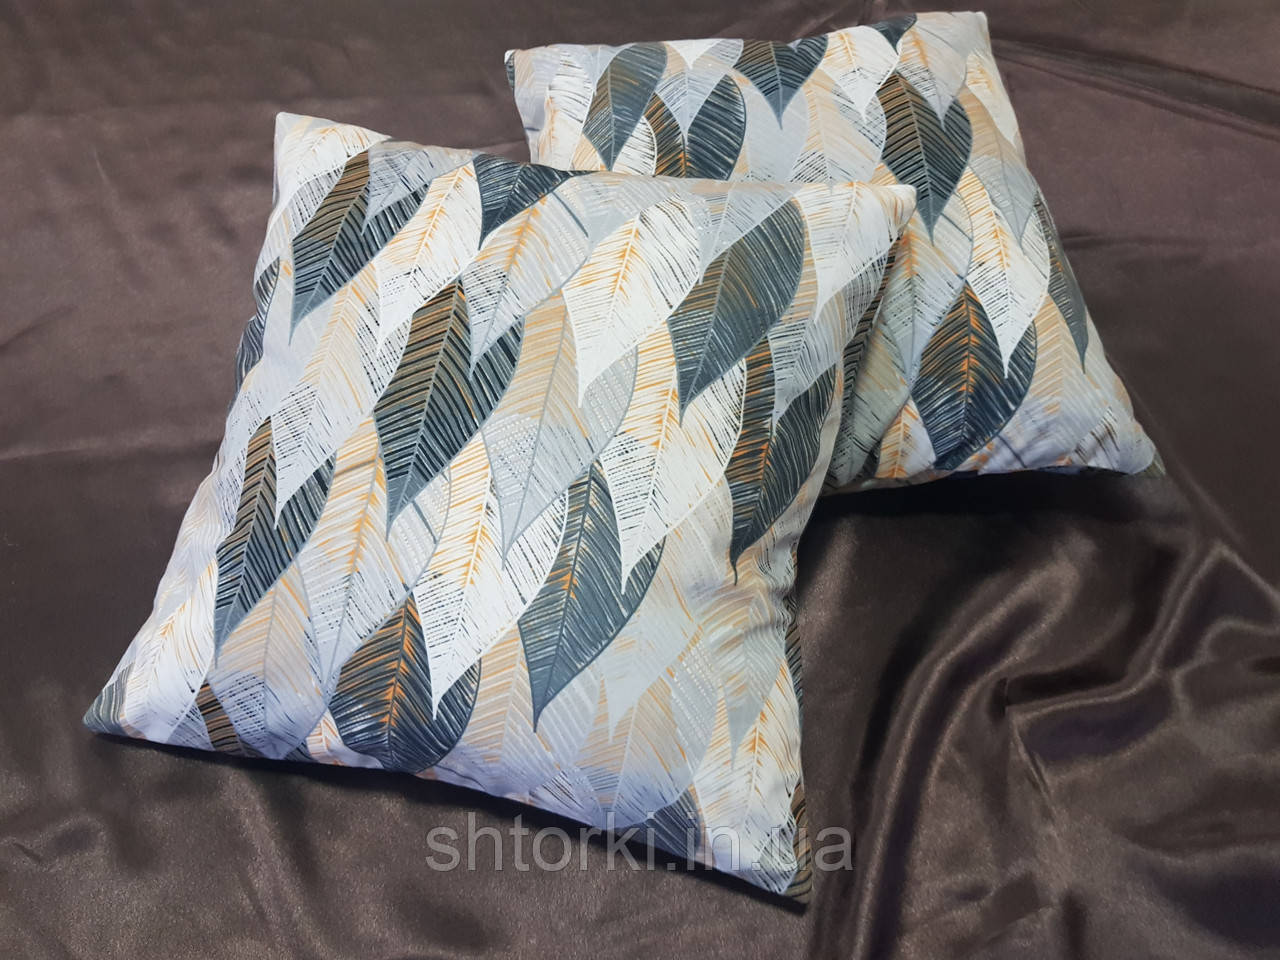 Комплект подушек абстракция листочки, 2шт